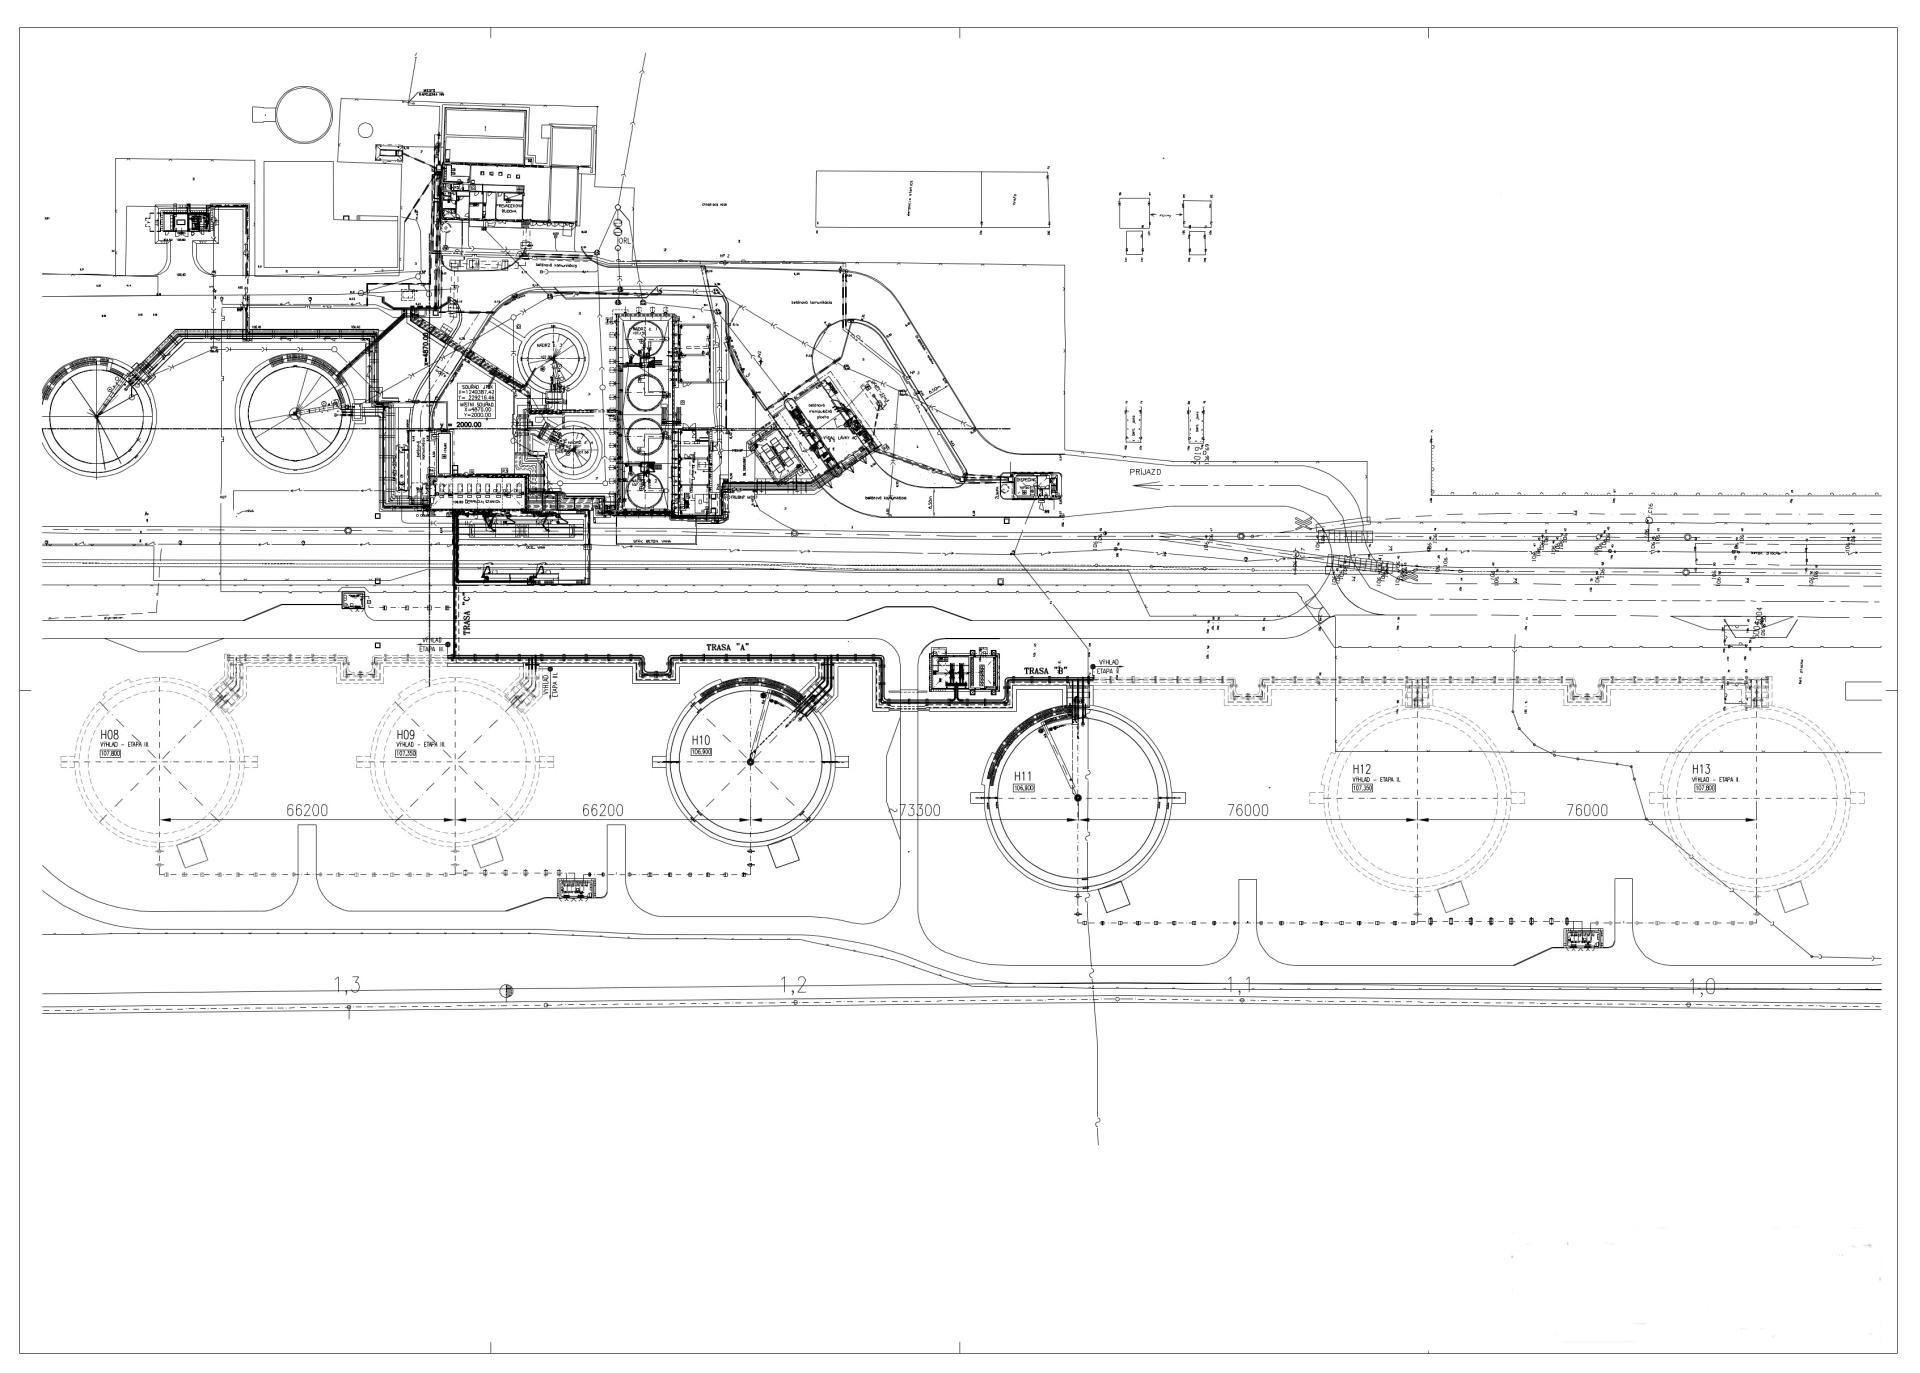 схема расположения оборудования на нефтебазах